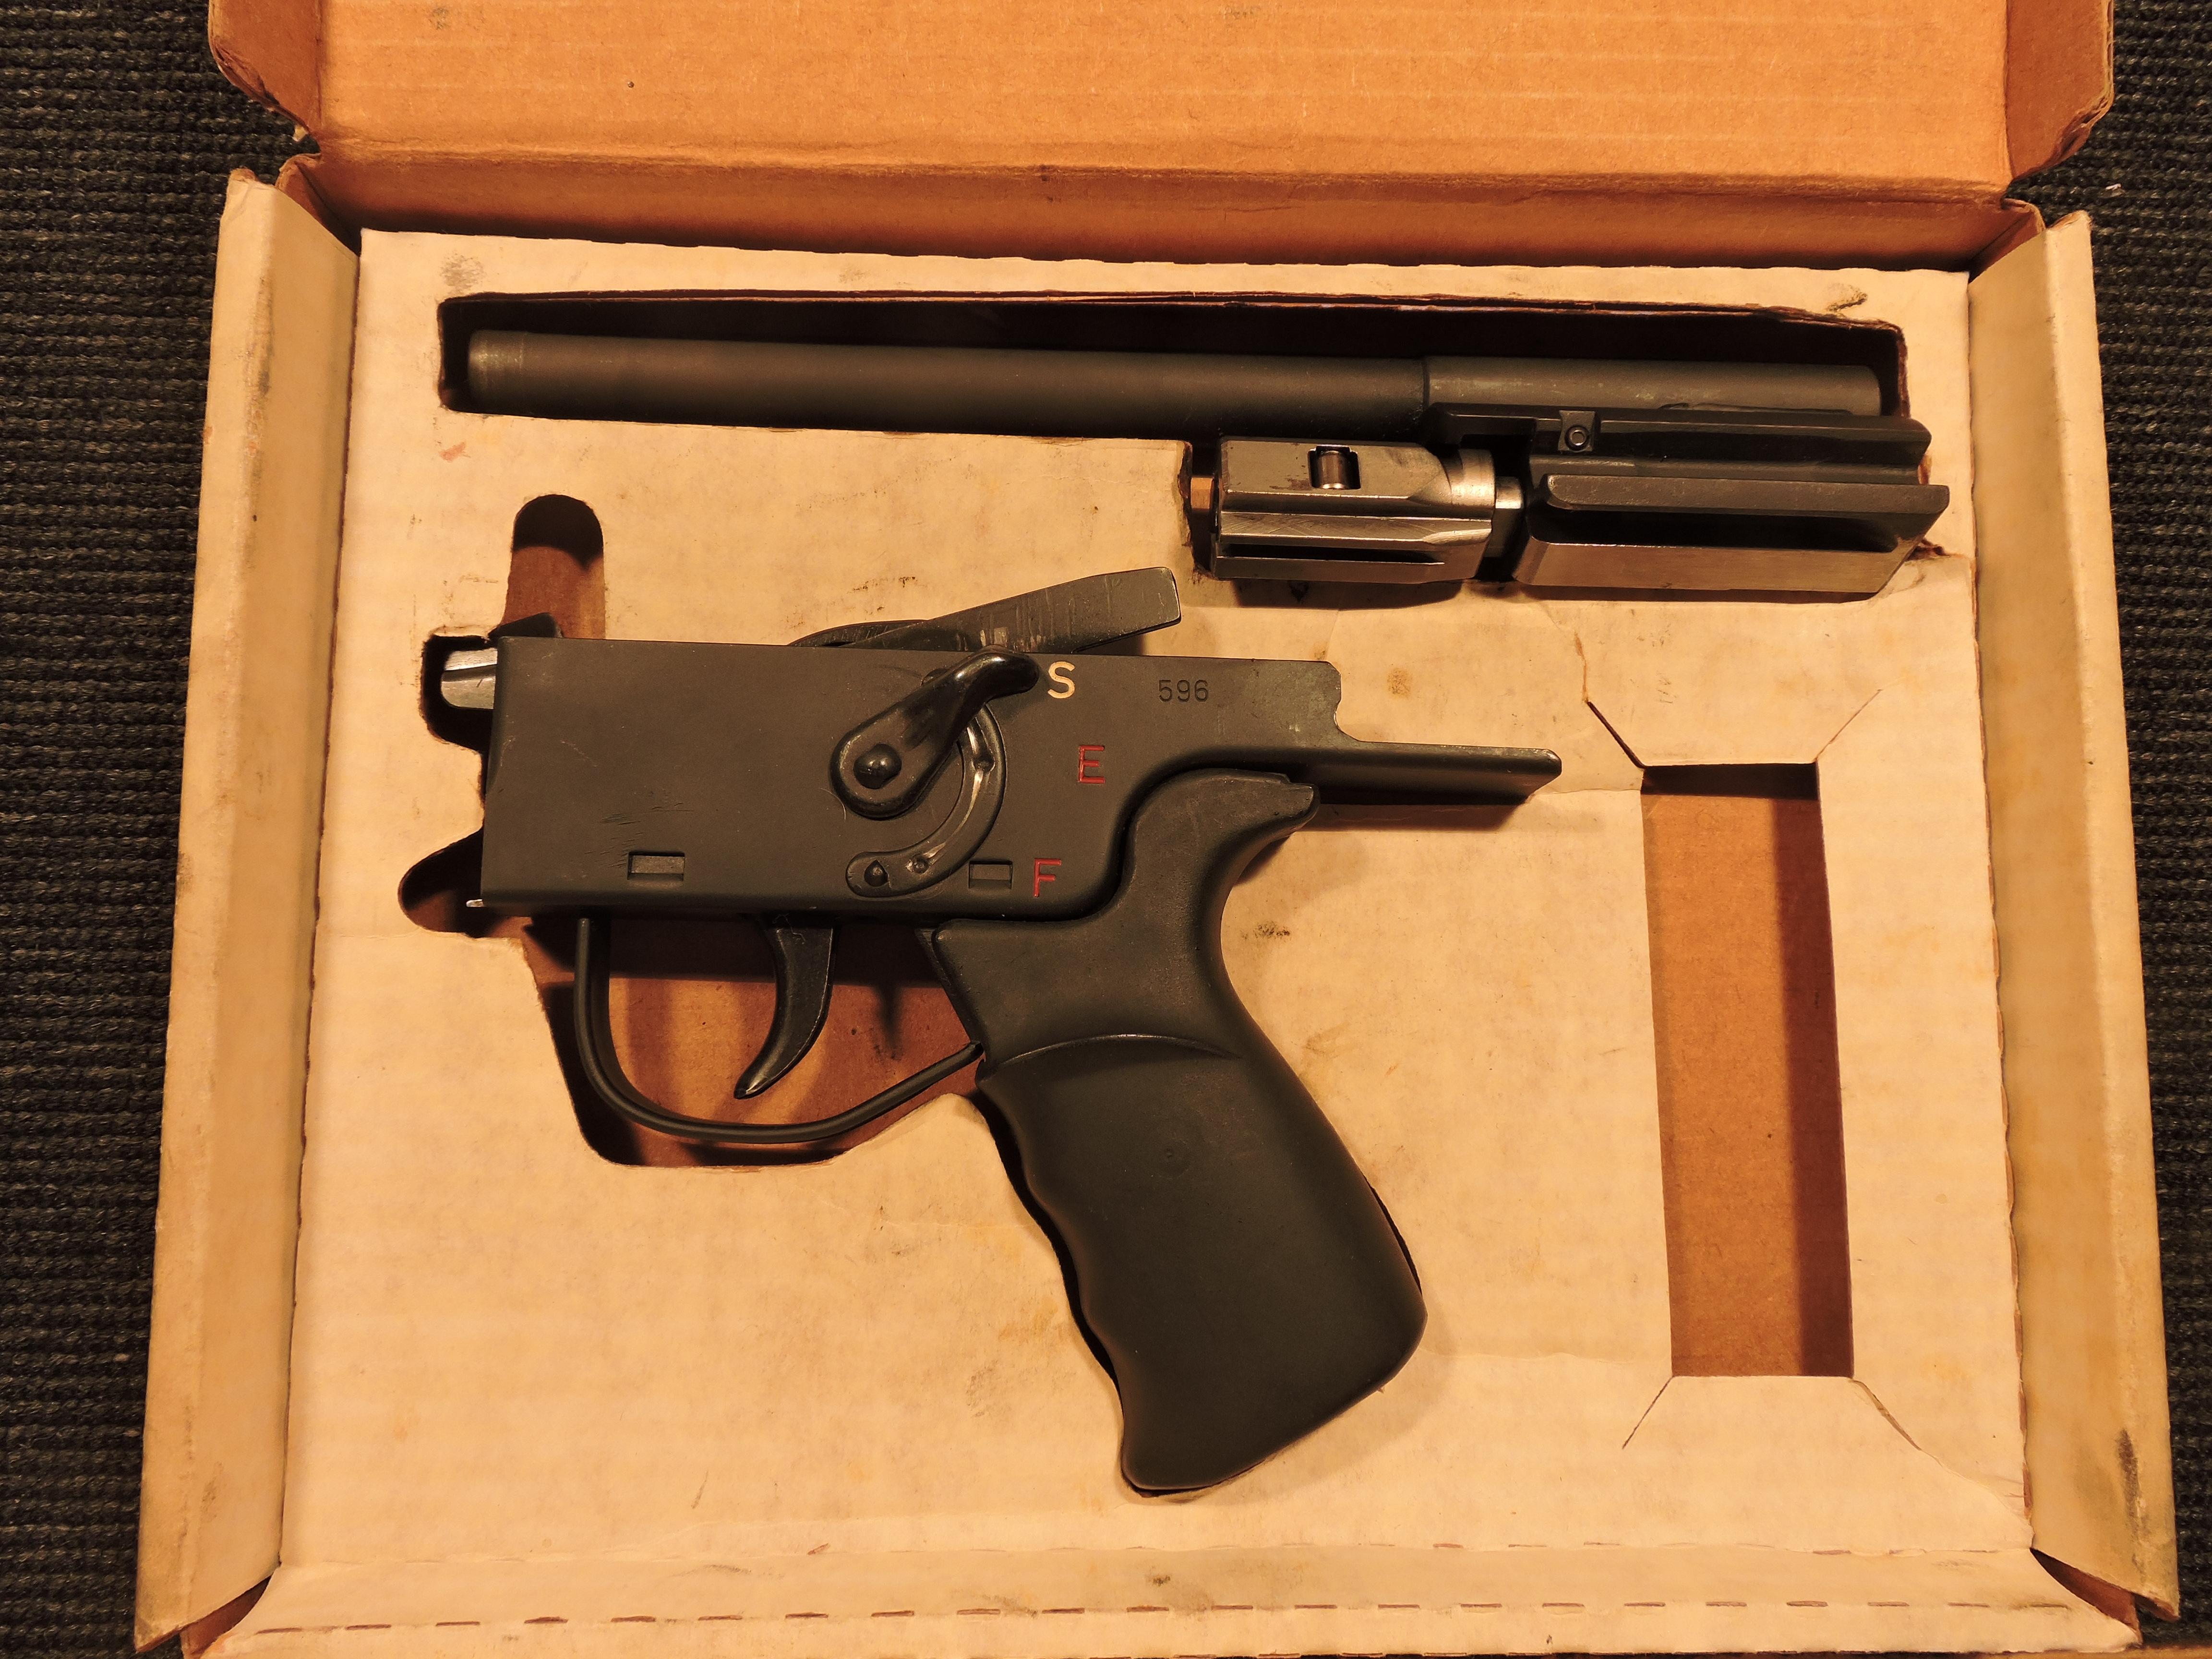 HK G-3 parts kit, in original box-dscn0088.jpg